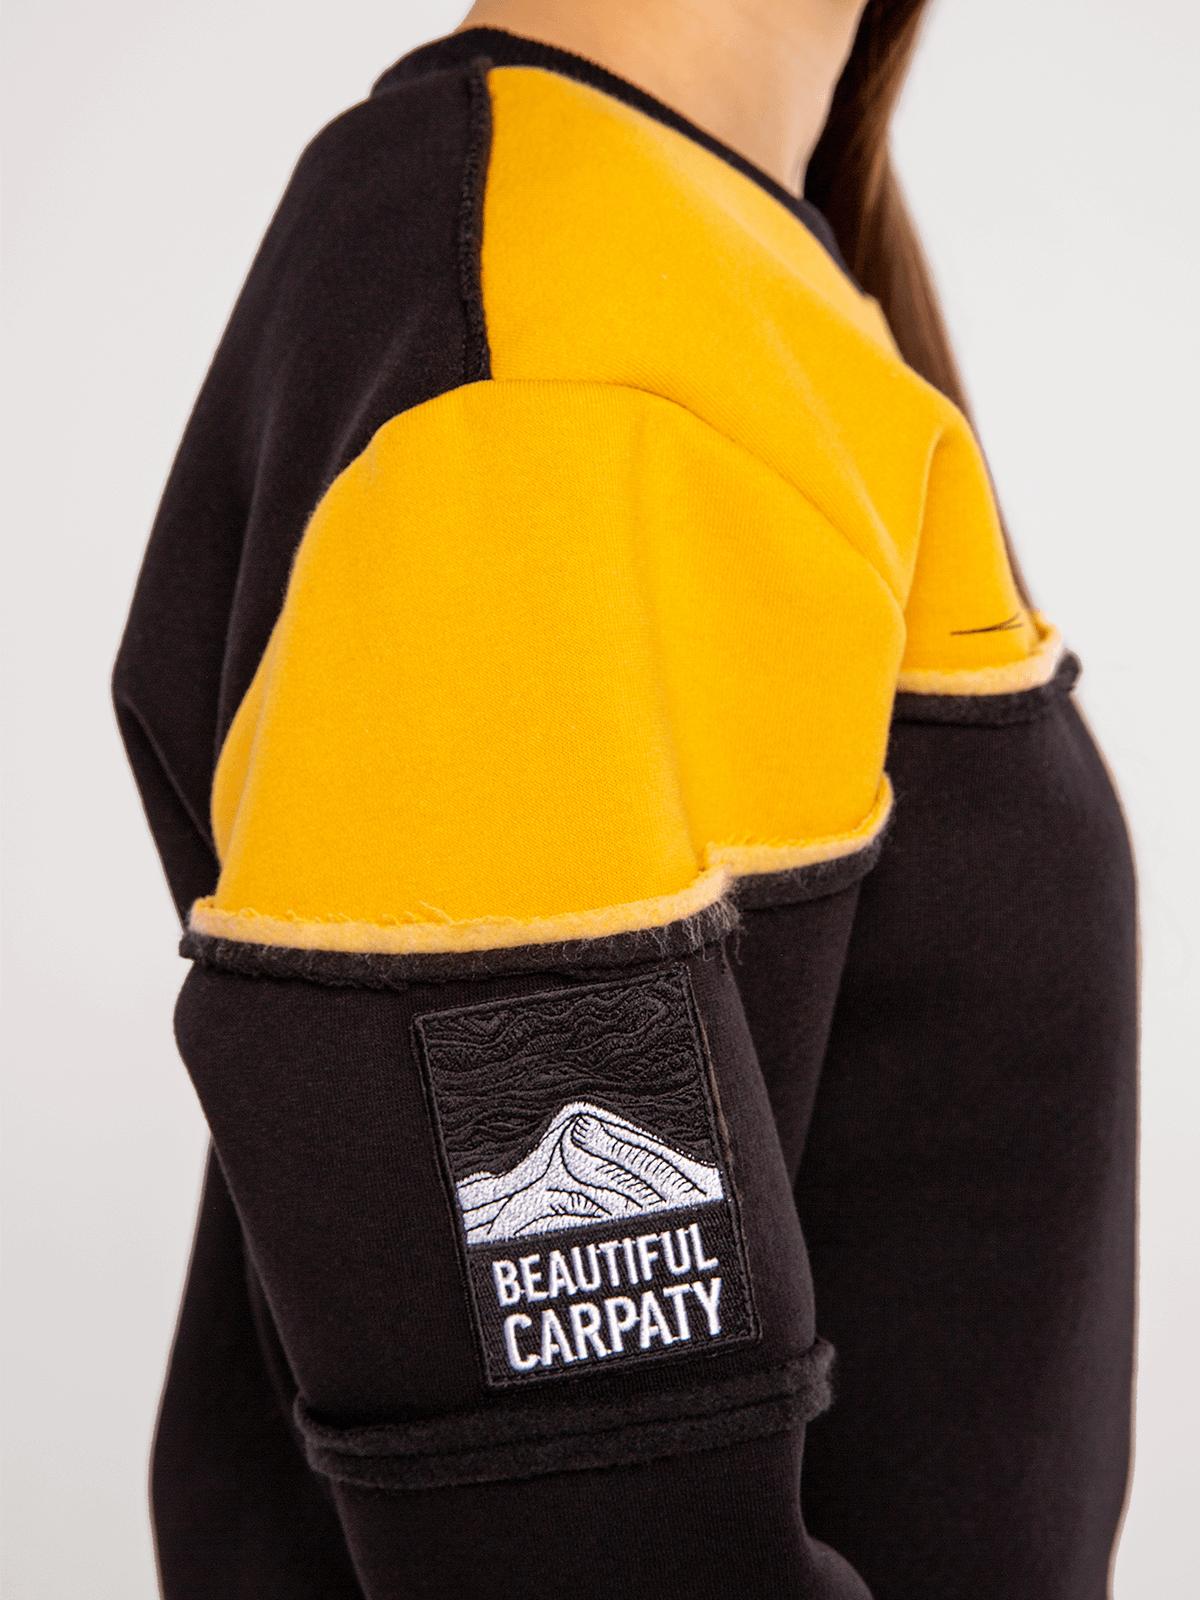 Чоловічий Світшот Мармароси. Колір жовтий.  Технологія нанесення зображень: шовкодрук, вишивка, шеврони.